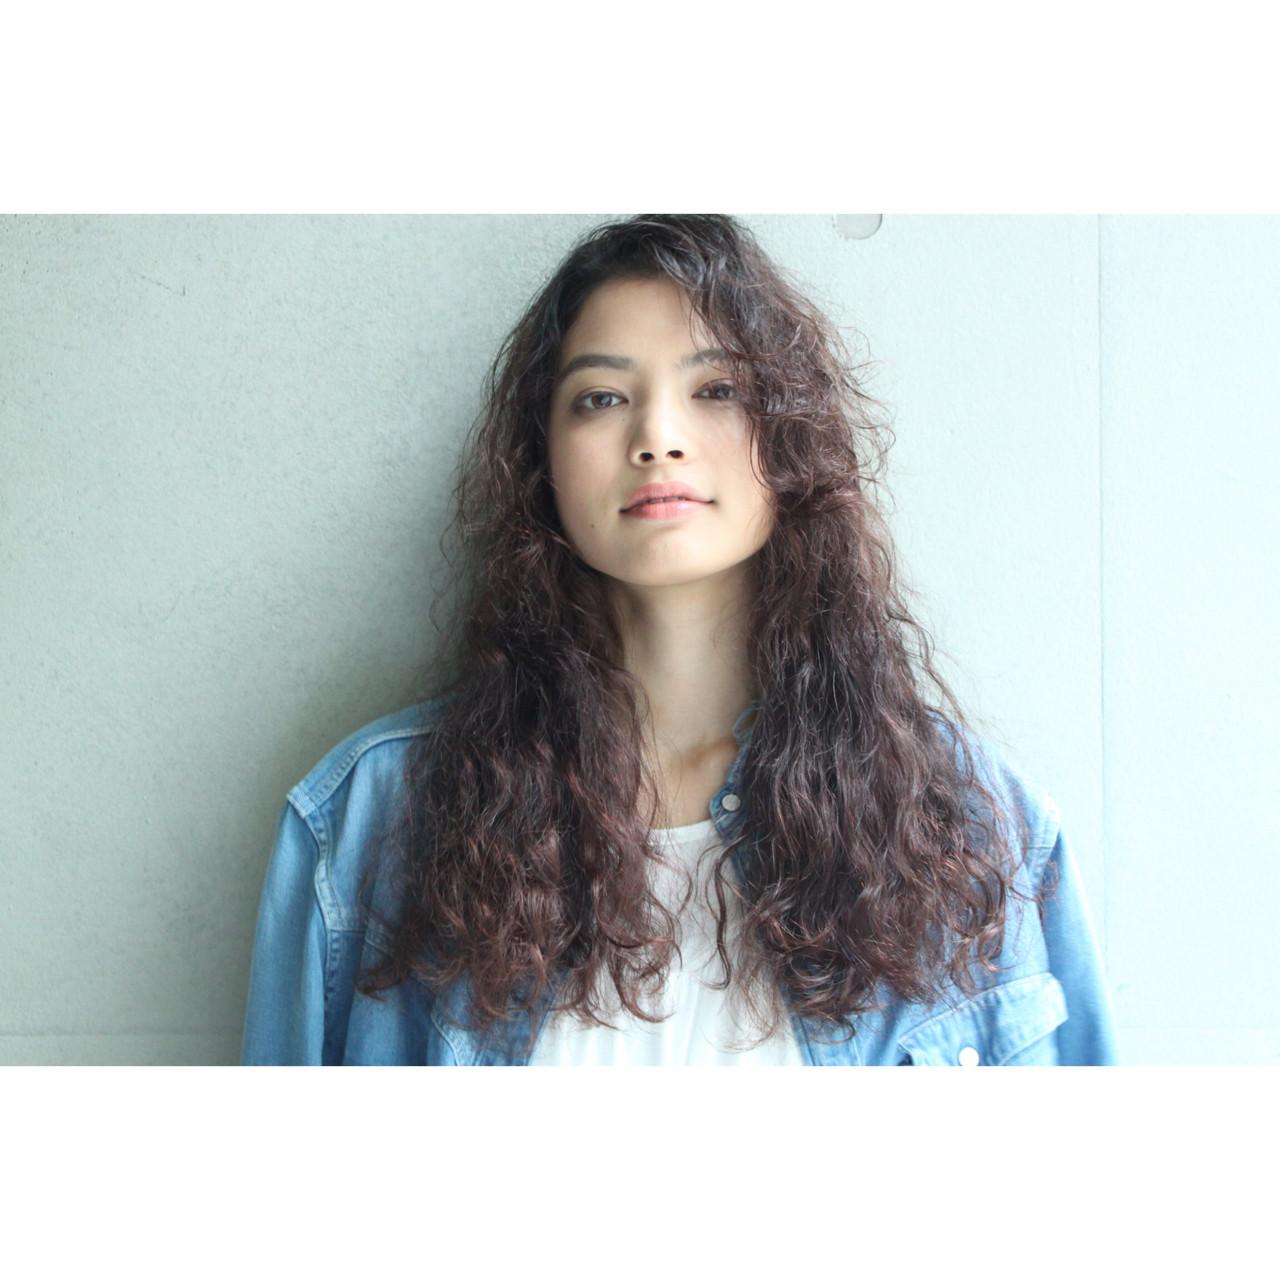 外国人風 モード ロング 暗髪 ヘアスタイルや髪型の写真・画像 | 松本 匡介 / Freelance